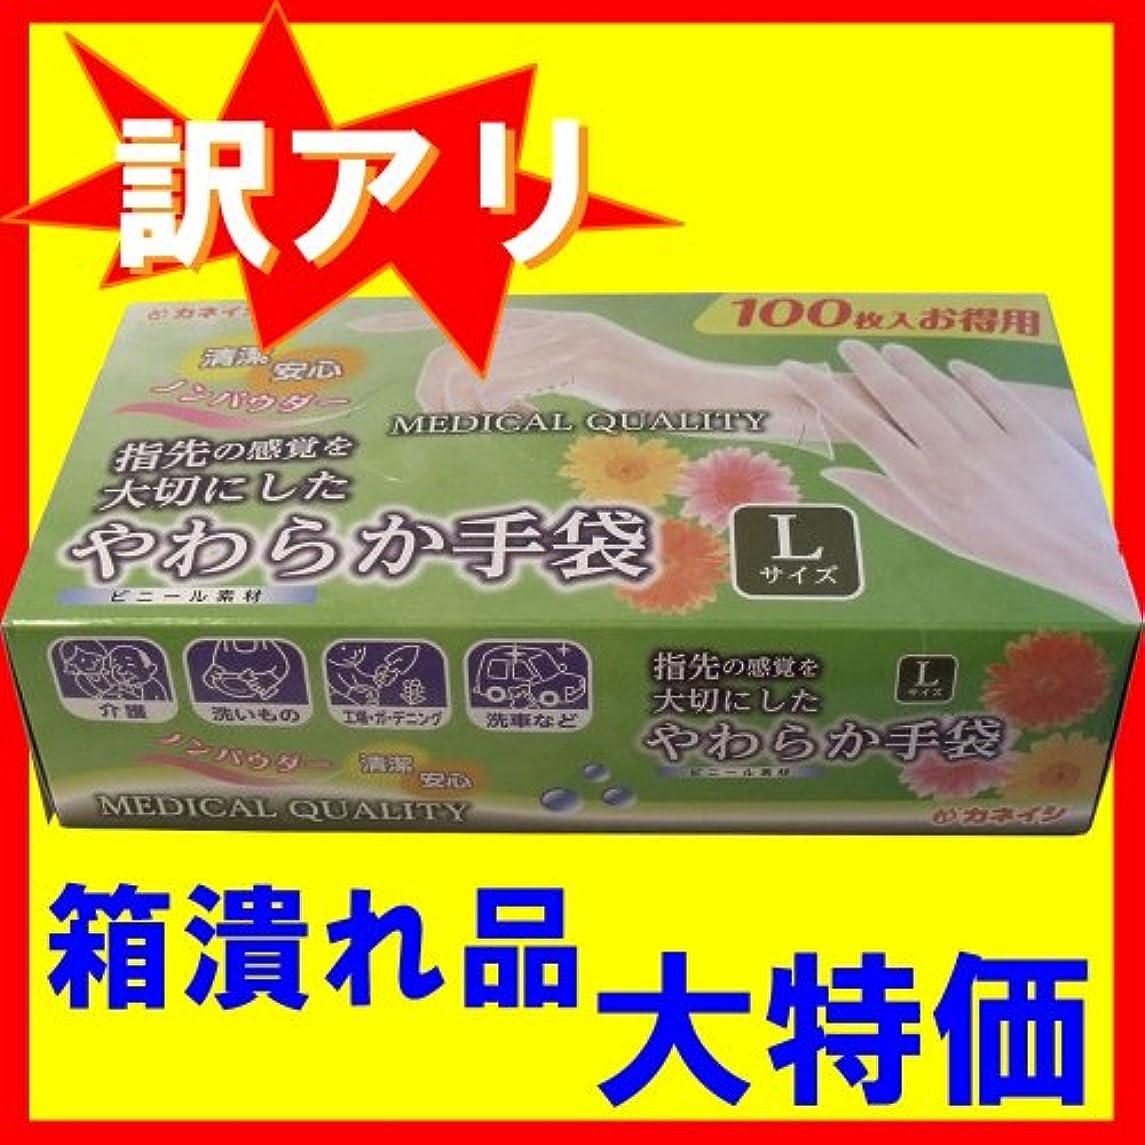 きゅうりスポットキャンバス【訳アリ】 金石衛材 やわらか手袋 Lサイズ 100枚入